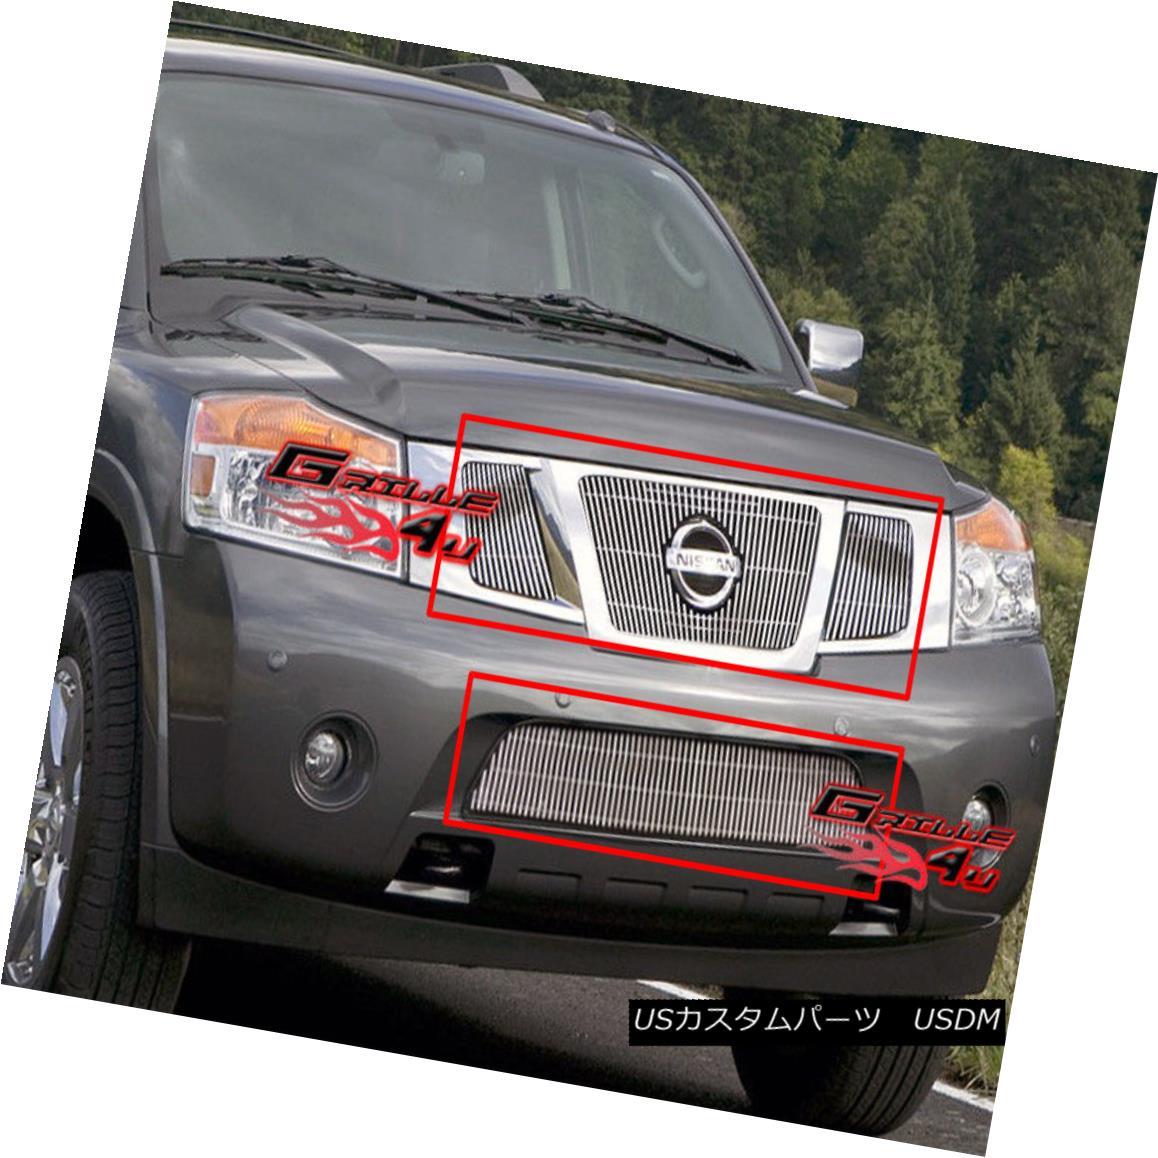 グリル Custom Fits 08-11 2011 Nissan Armada Vertical Billet Grill Combo カスタムフィット08-11 2011日産アルマダ縦型ビレットグリルコンボ